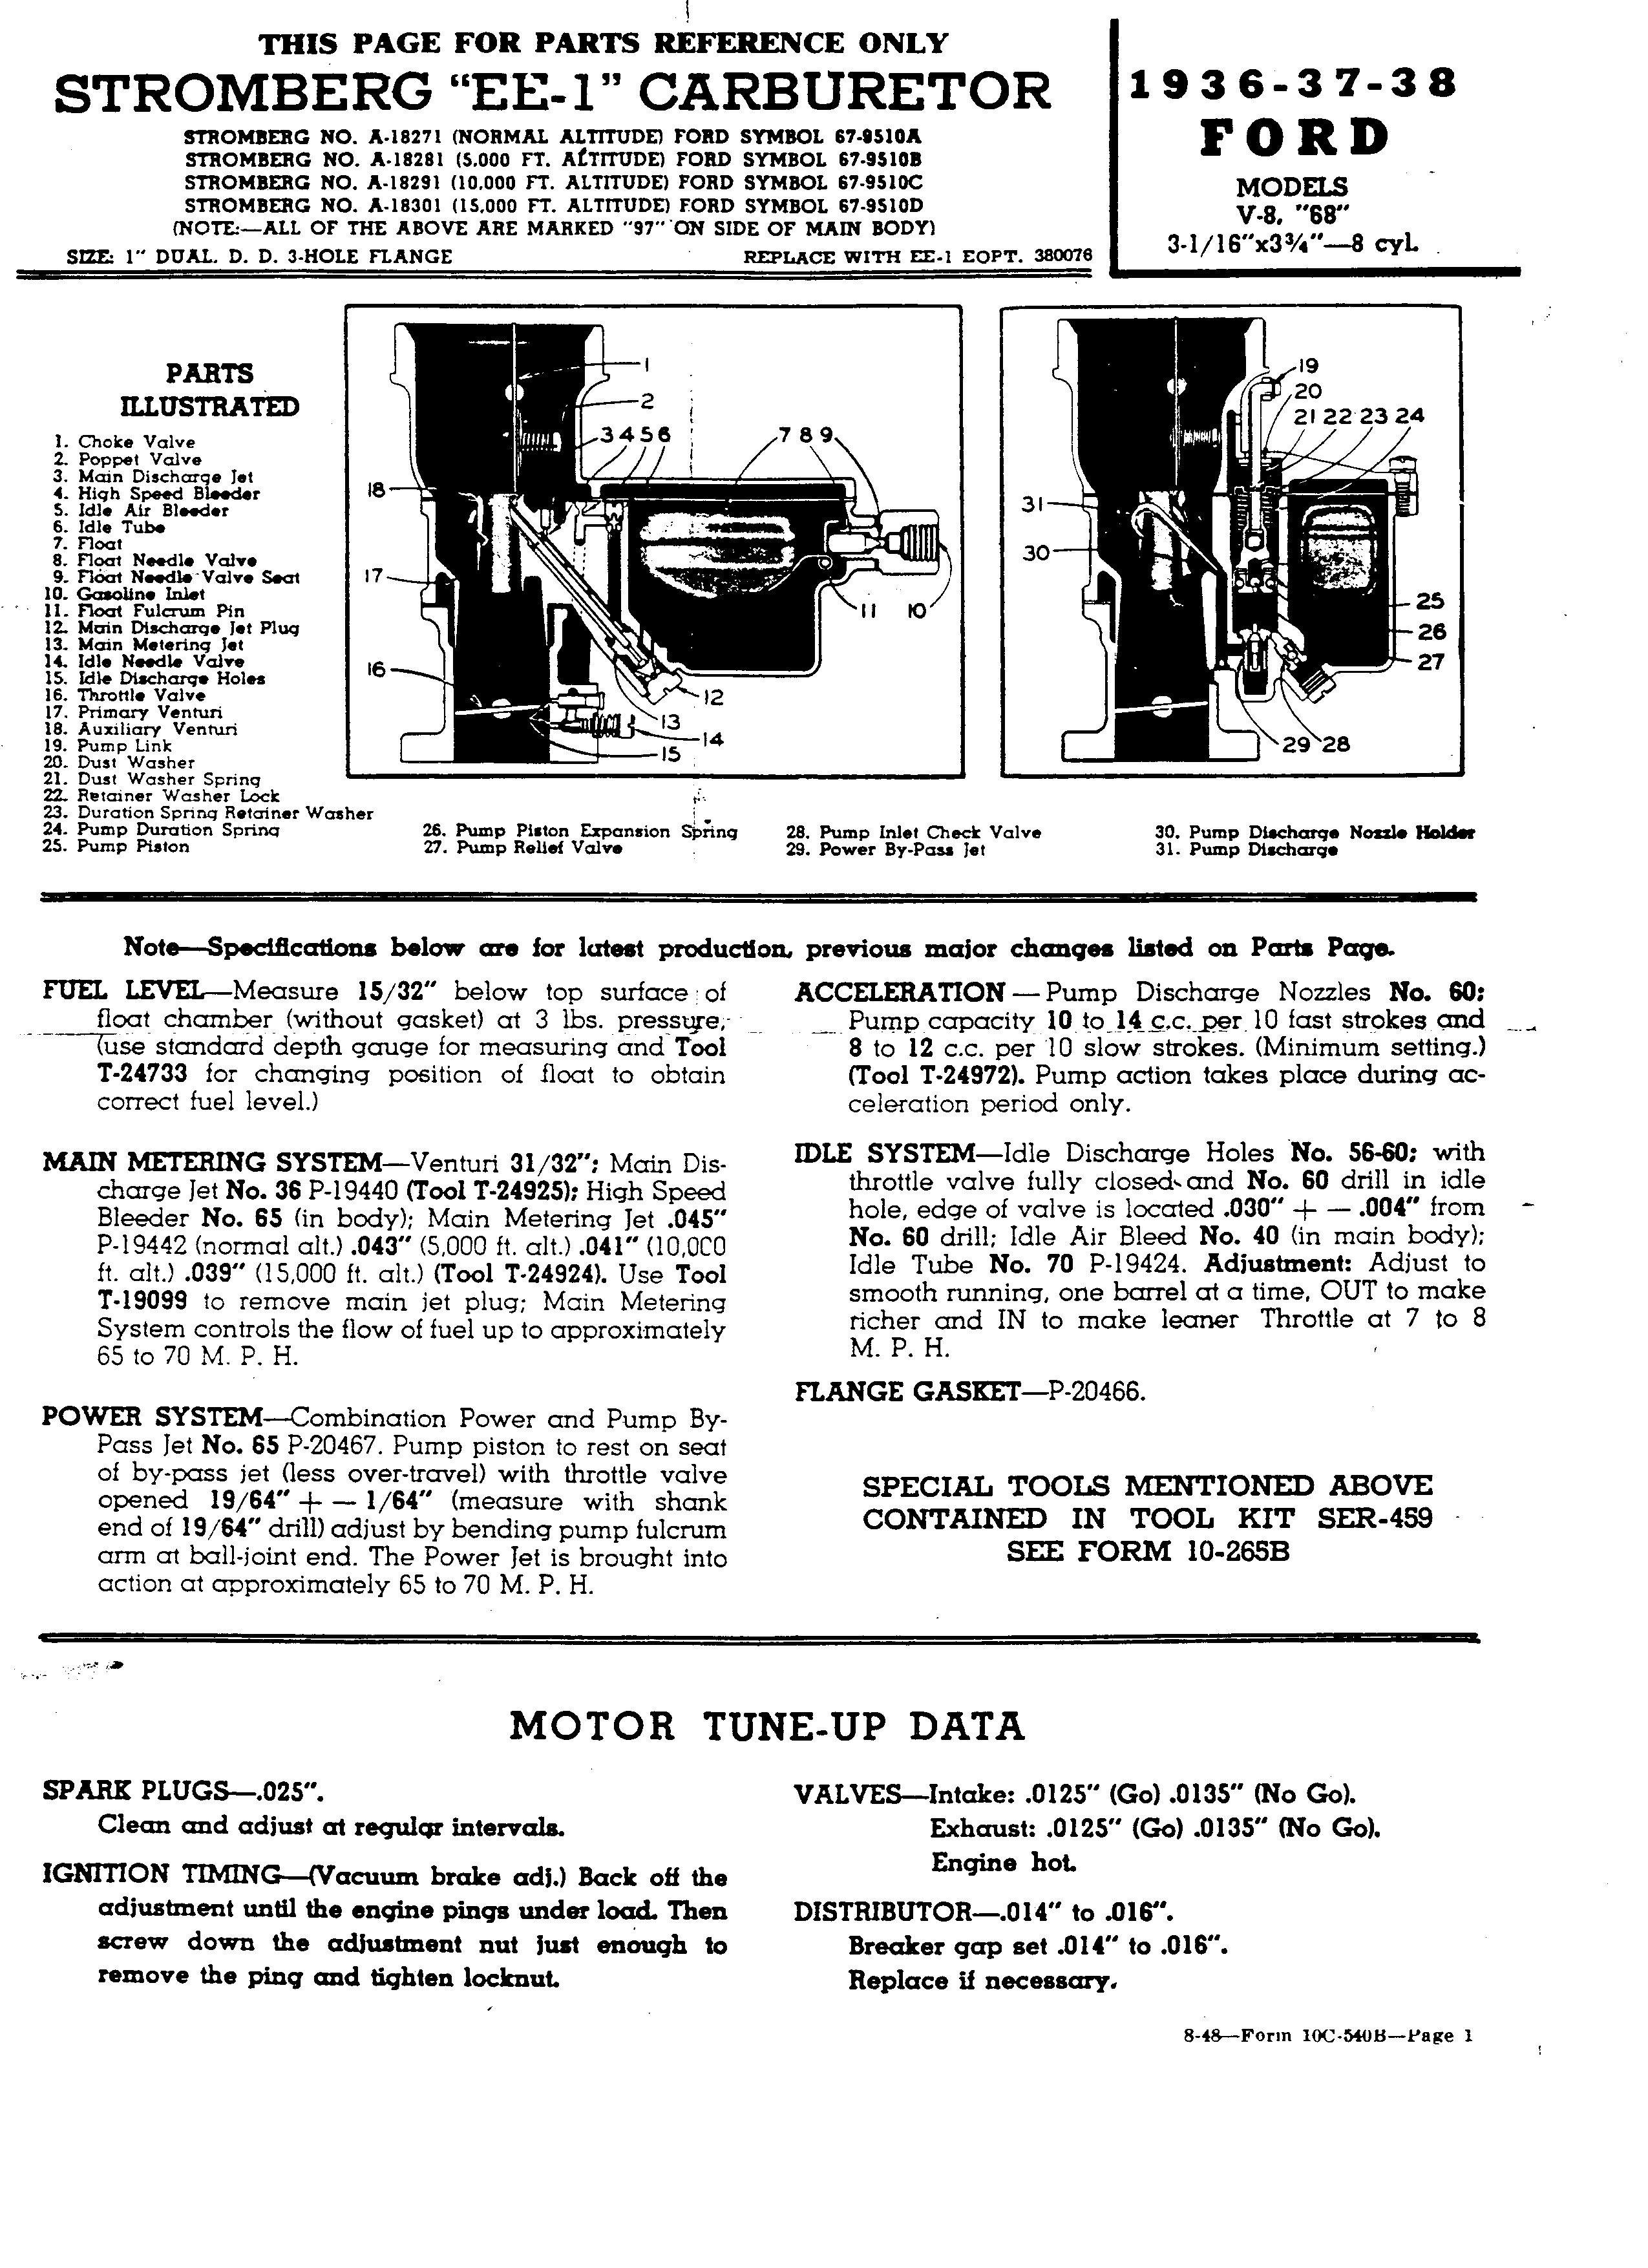 Stromberg EE-1 service info